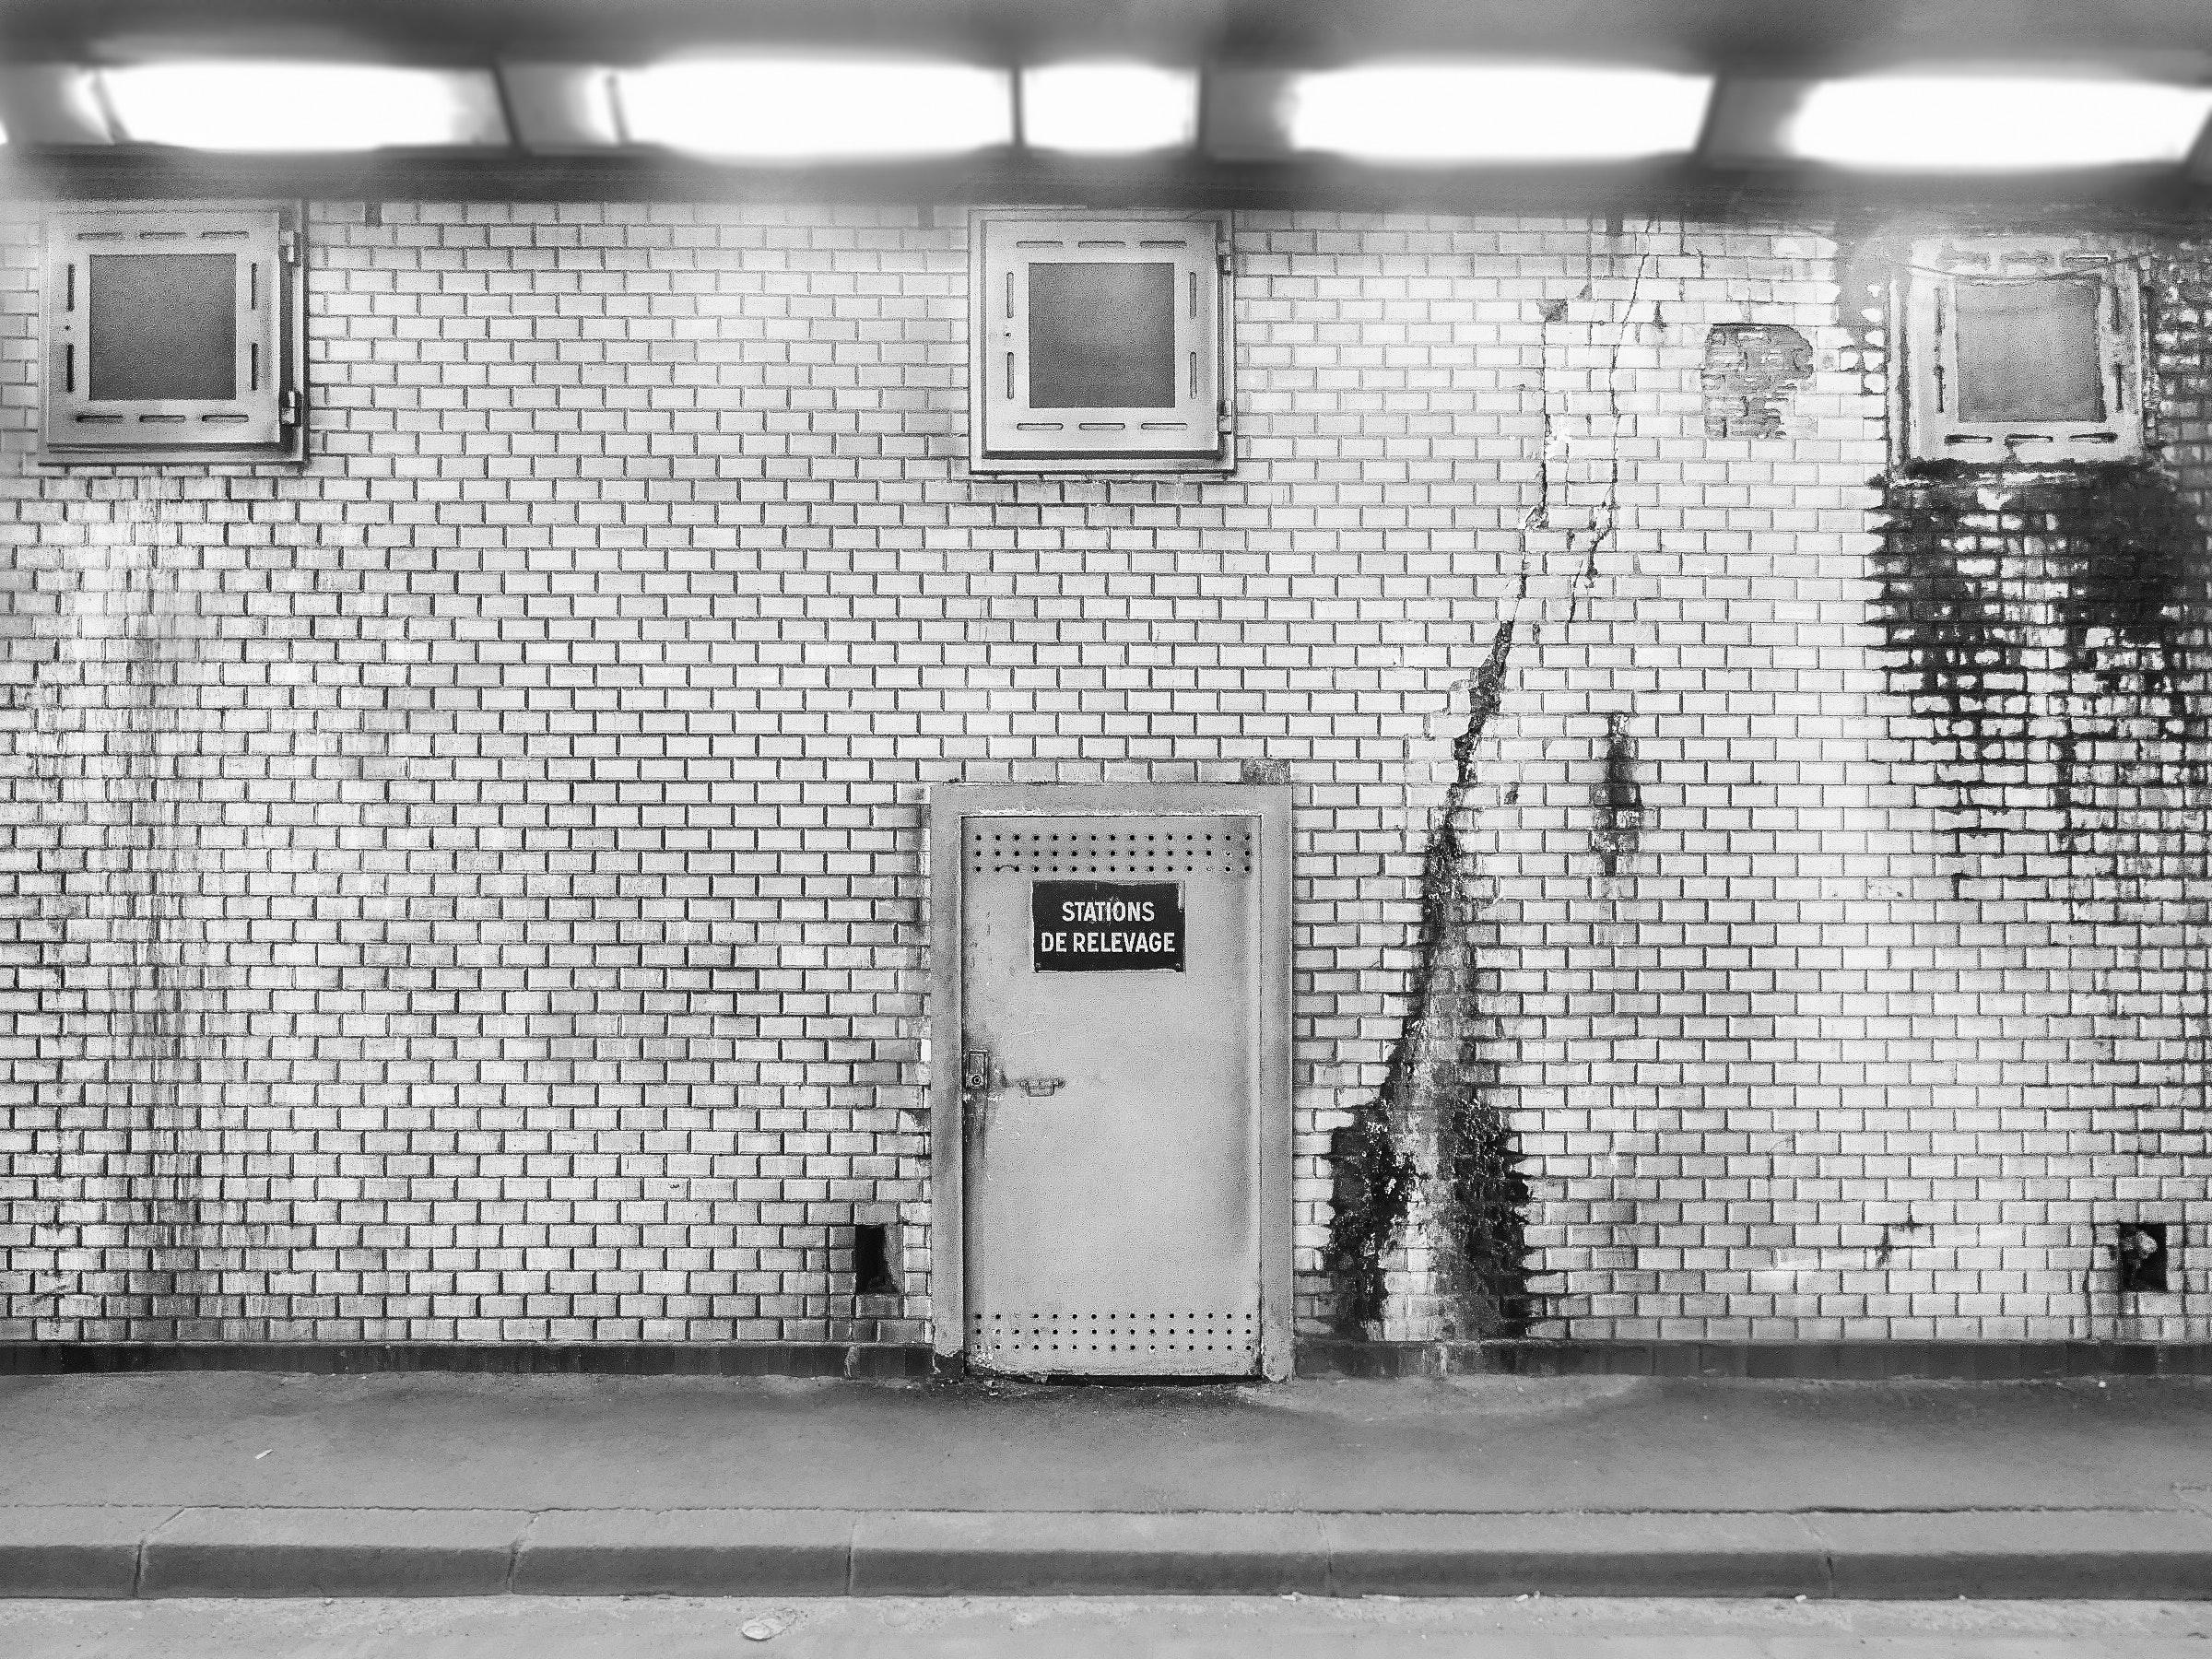 68+ Gambar Hitam Putih Di Tembok Terbaru